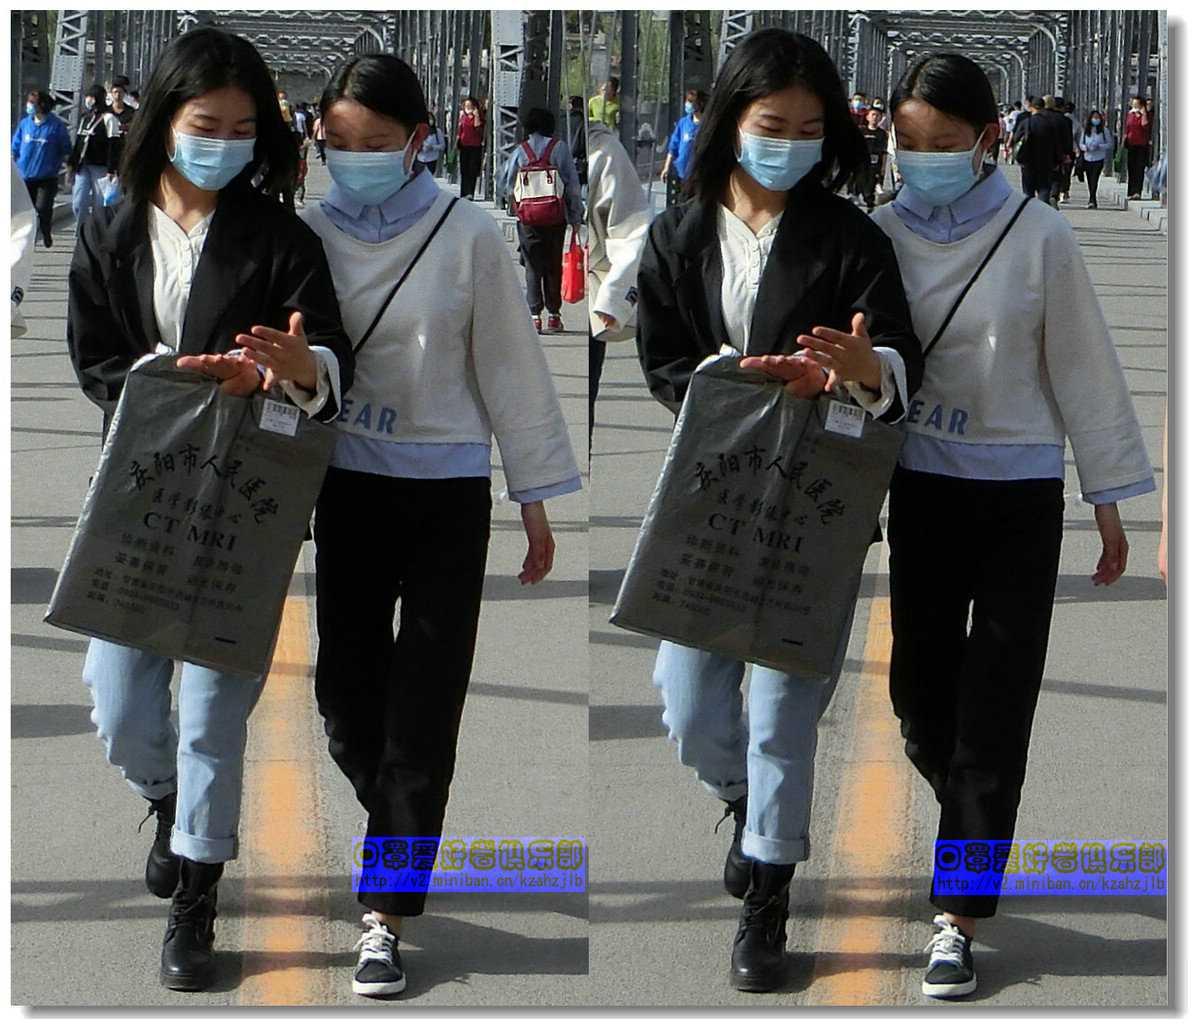 【原创】街拍-戴口罩的人们(续)-2